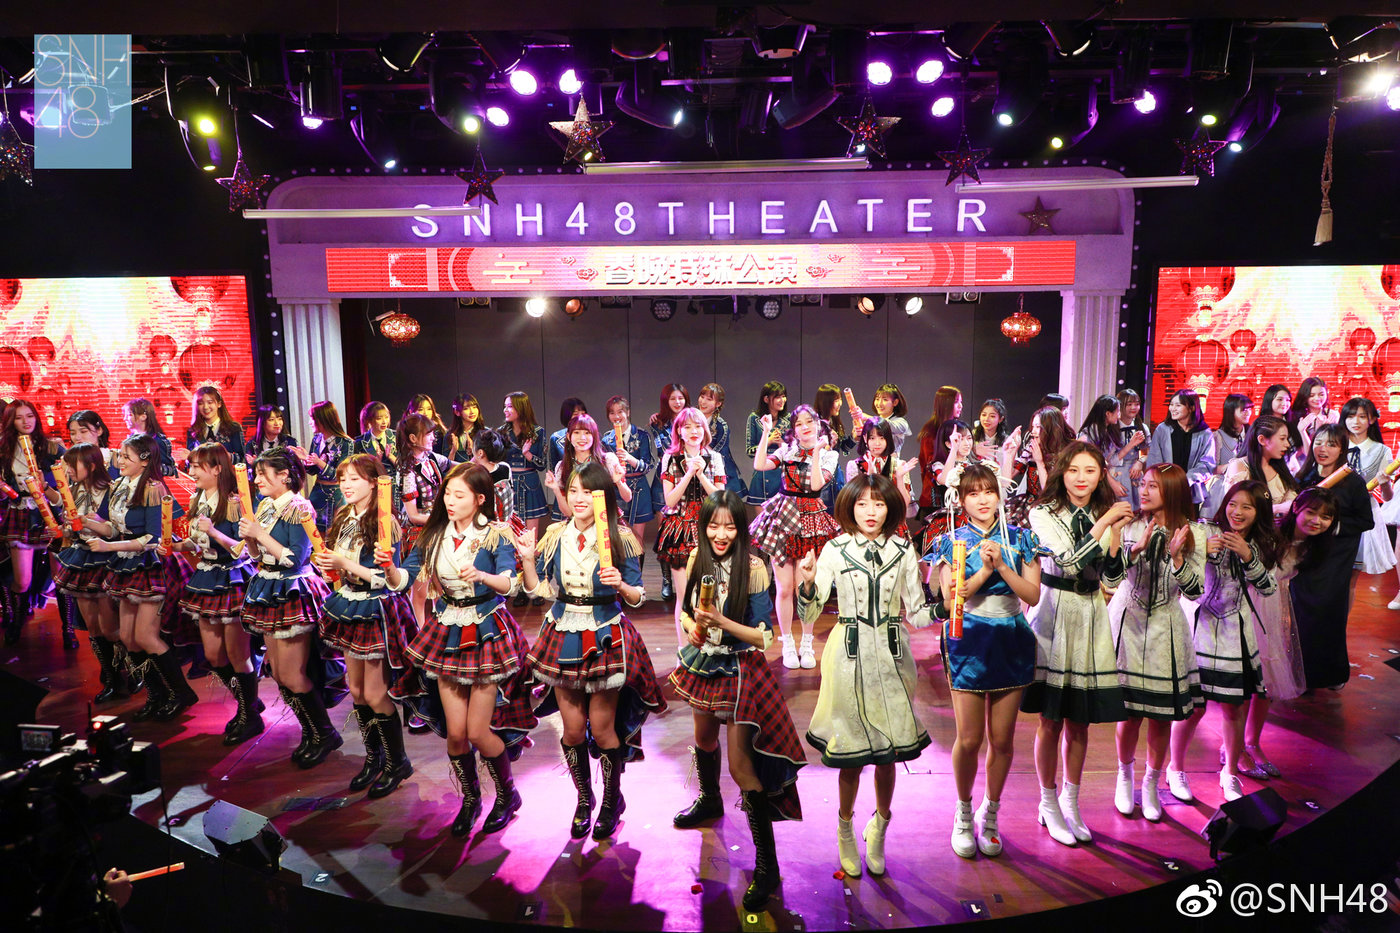 图片来自于@SNH48